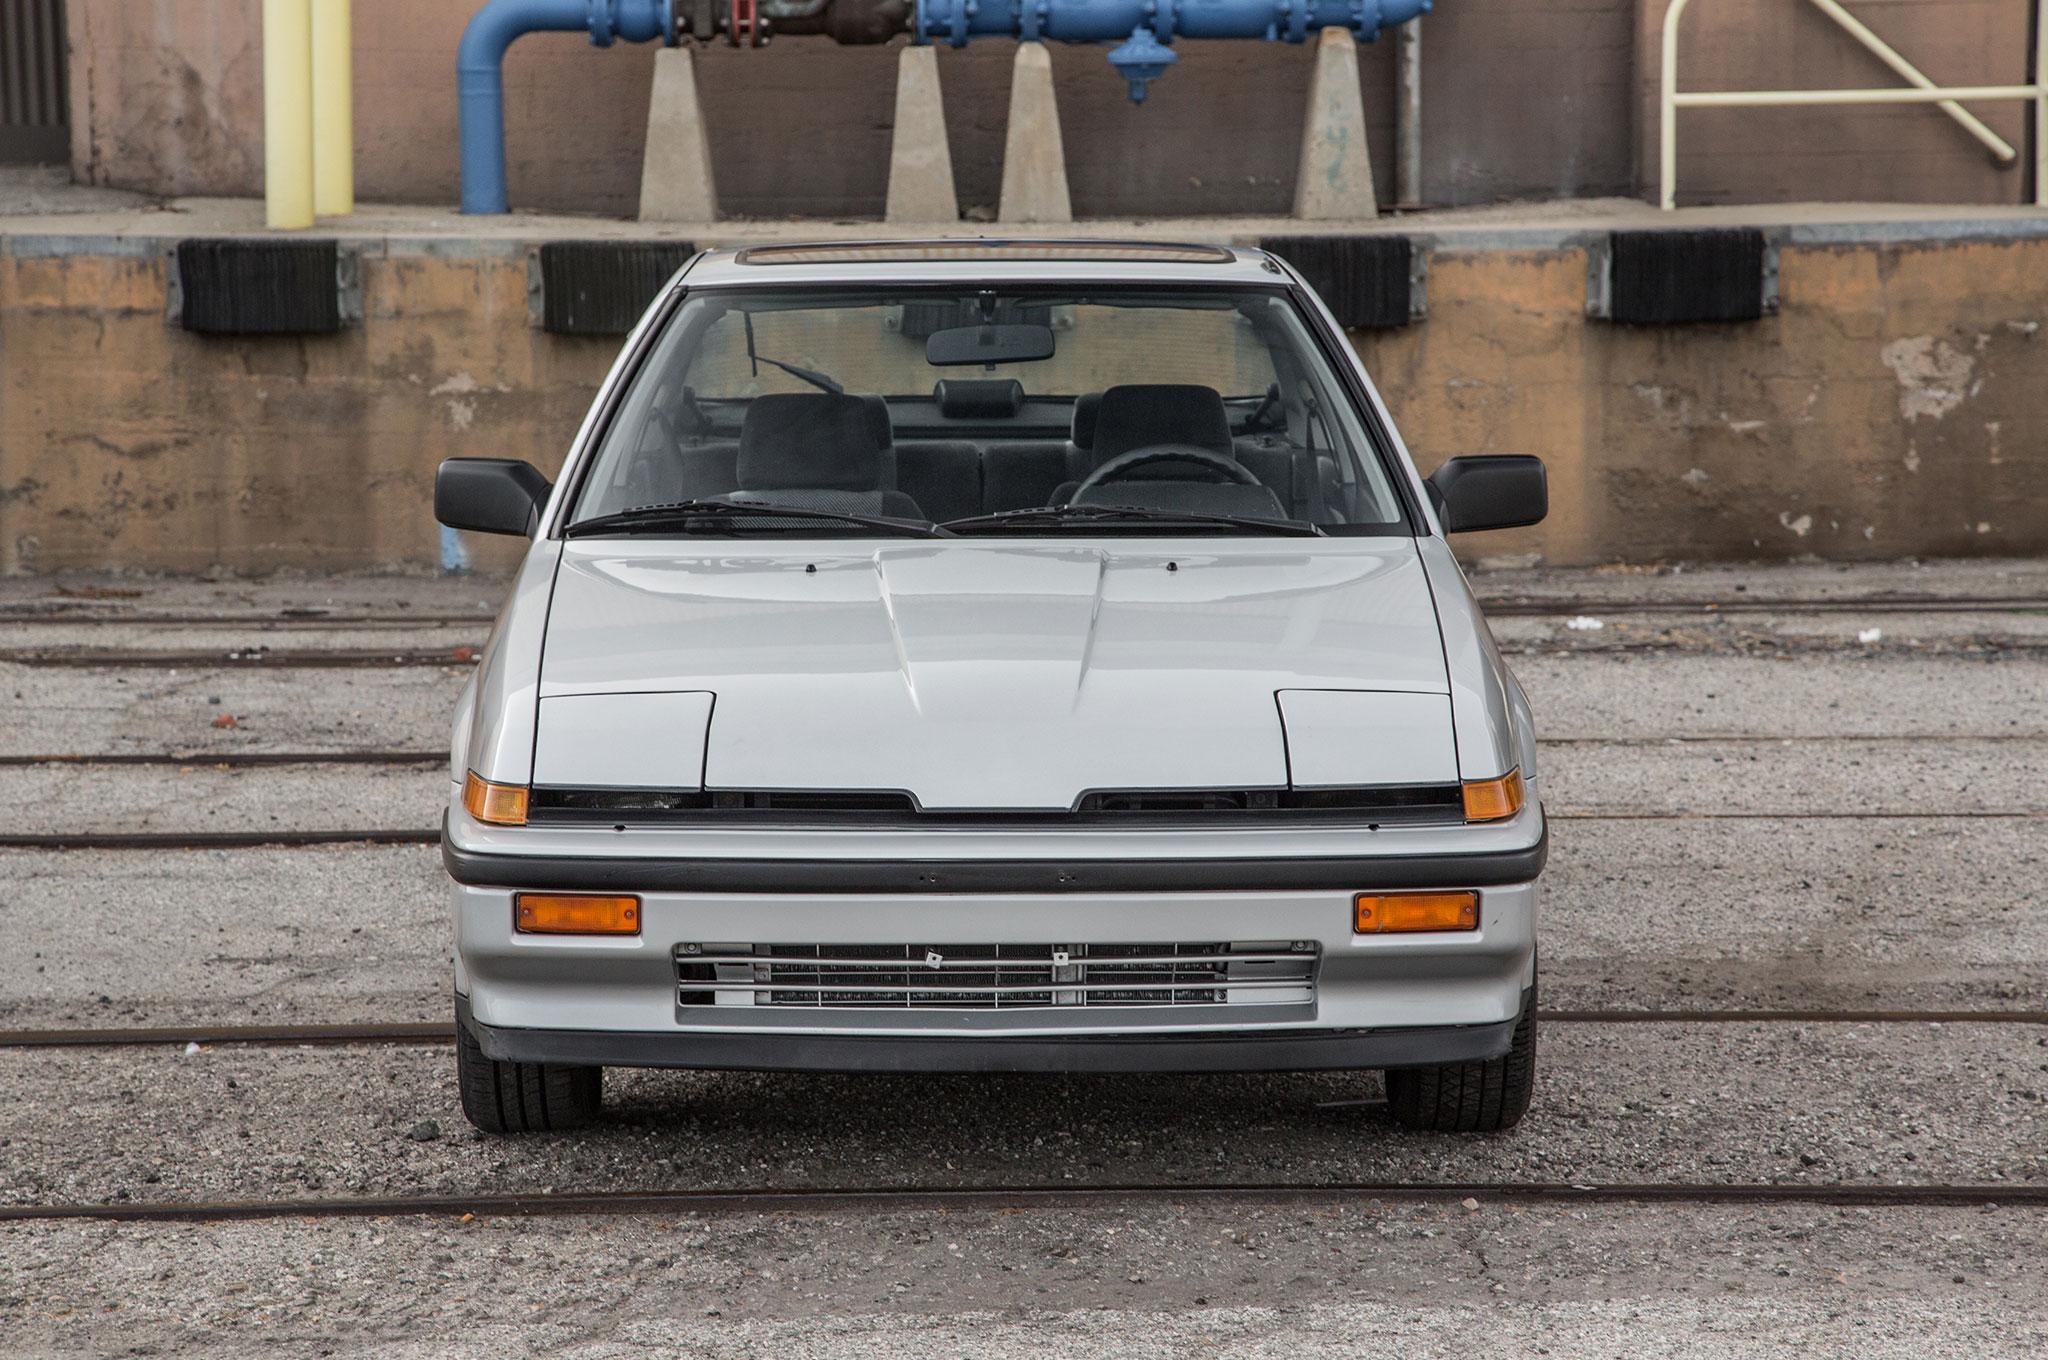 Acura Integra I 1985 - 1989 Hatchback 3 door #5